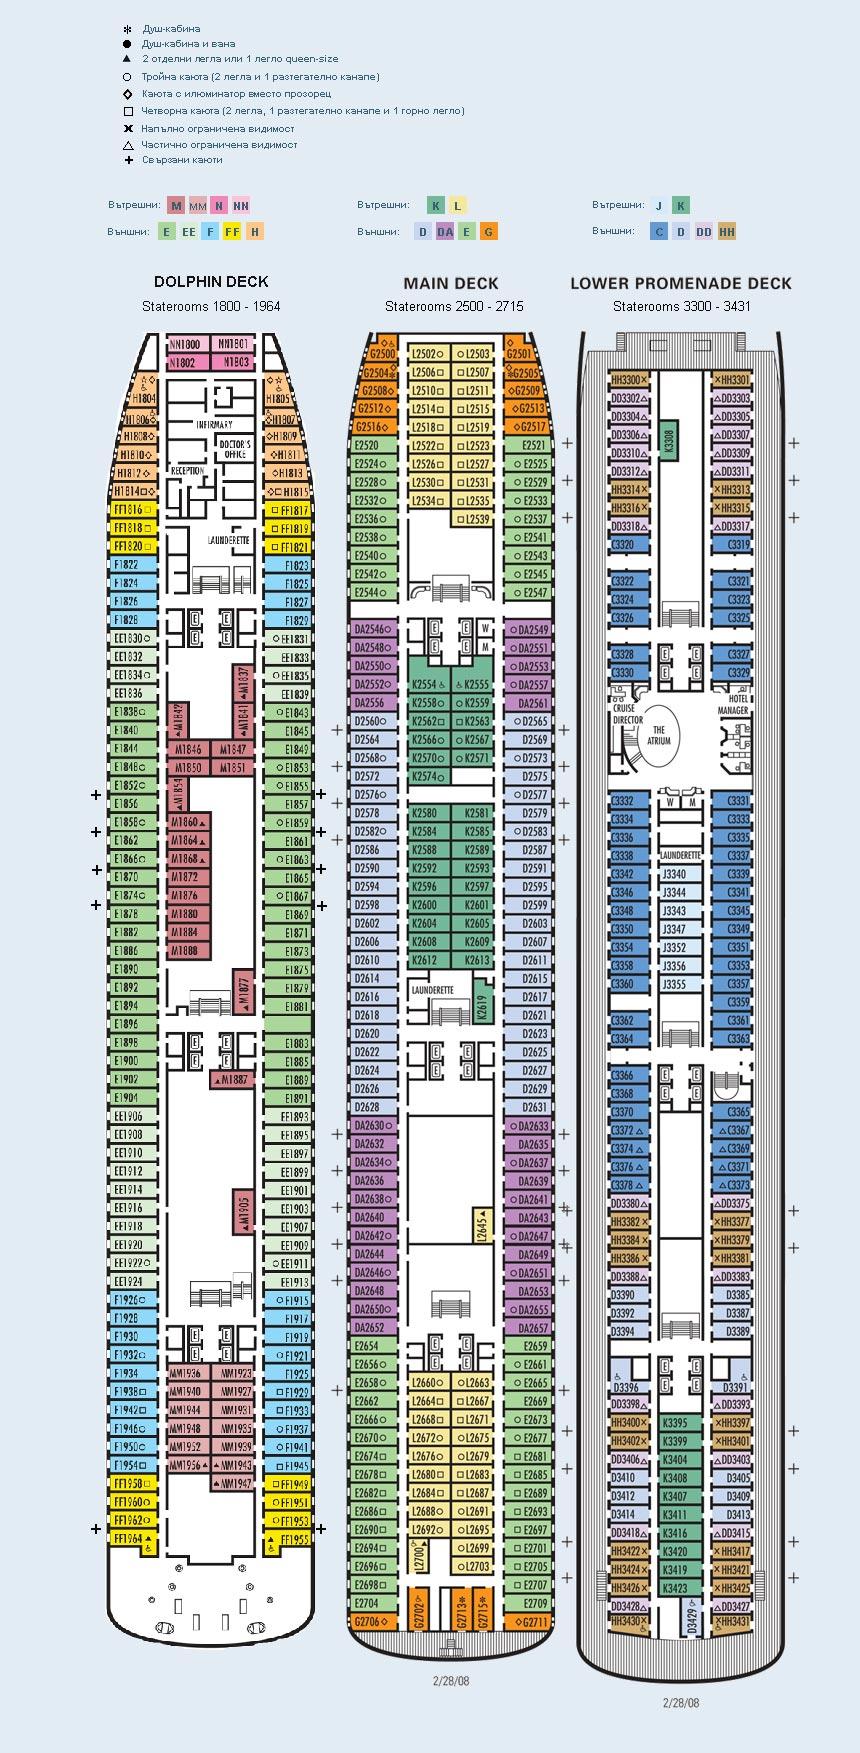 Photo Cruise Deck Plans Images Qm2 Plan